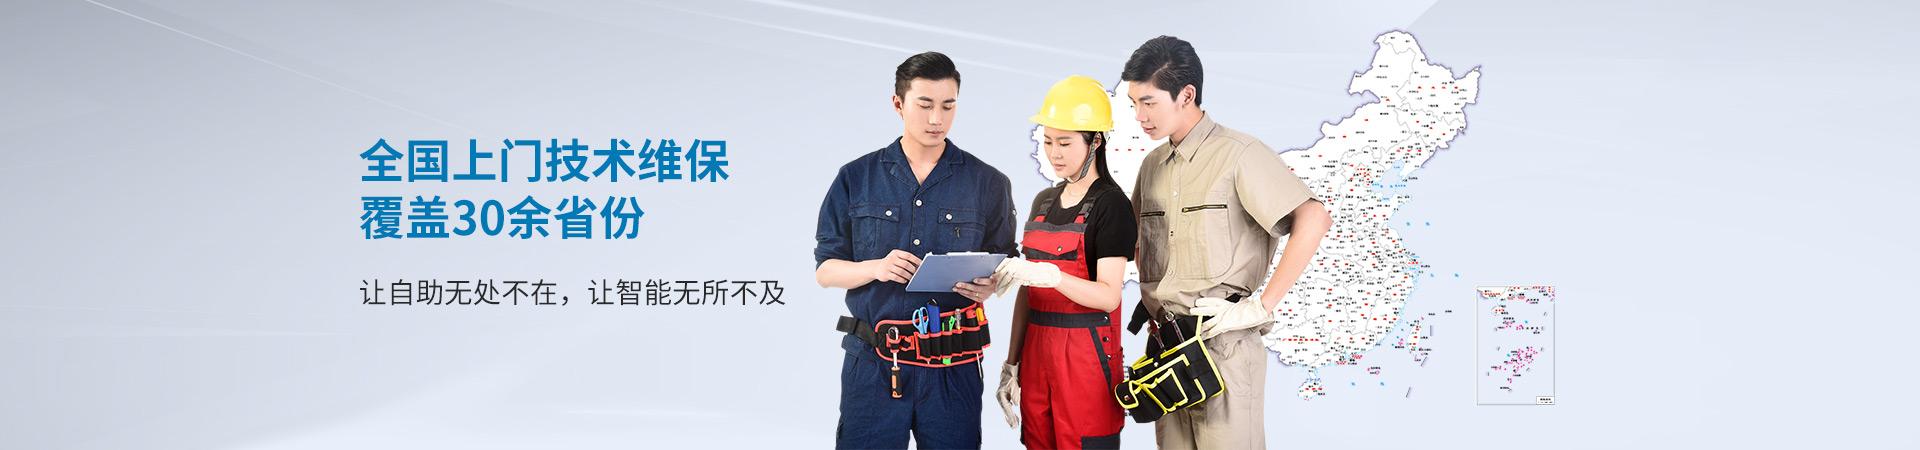 华融凯全国上门技术维保 覆盖30余省份